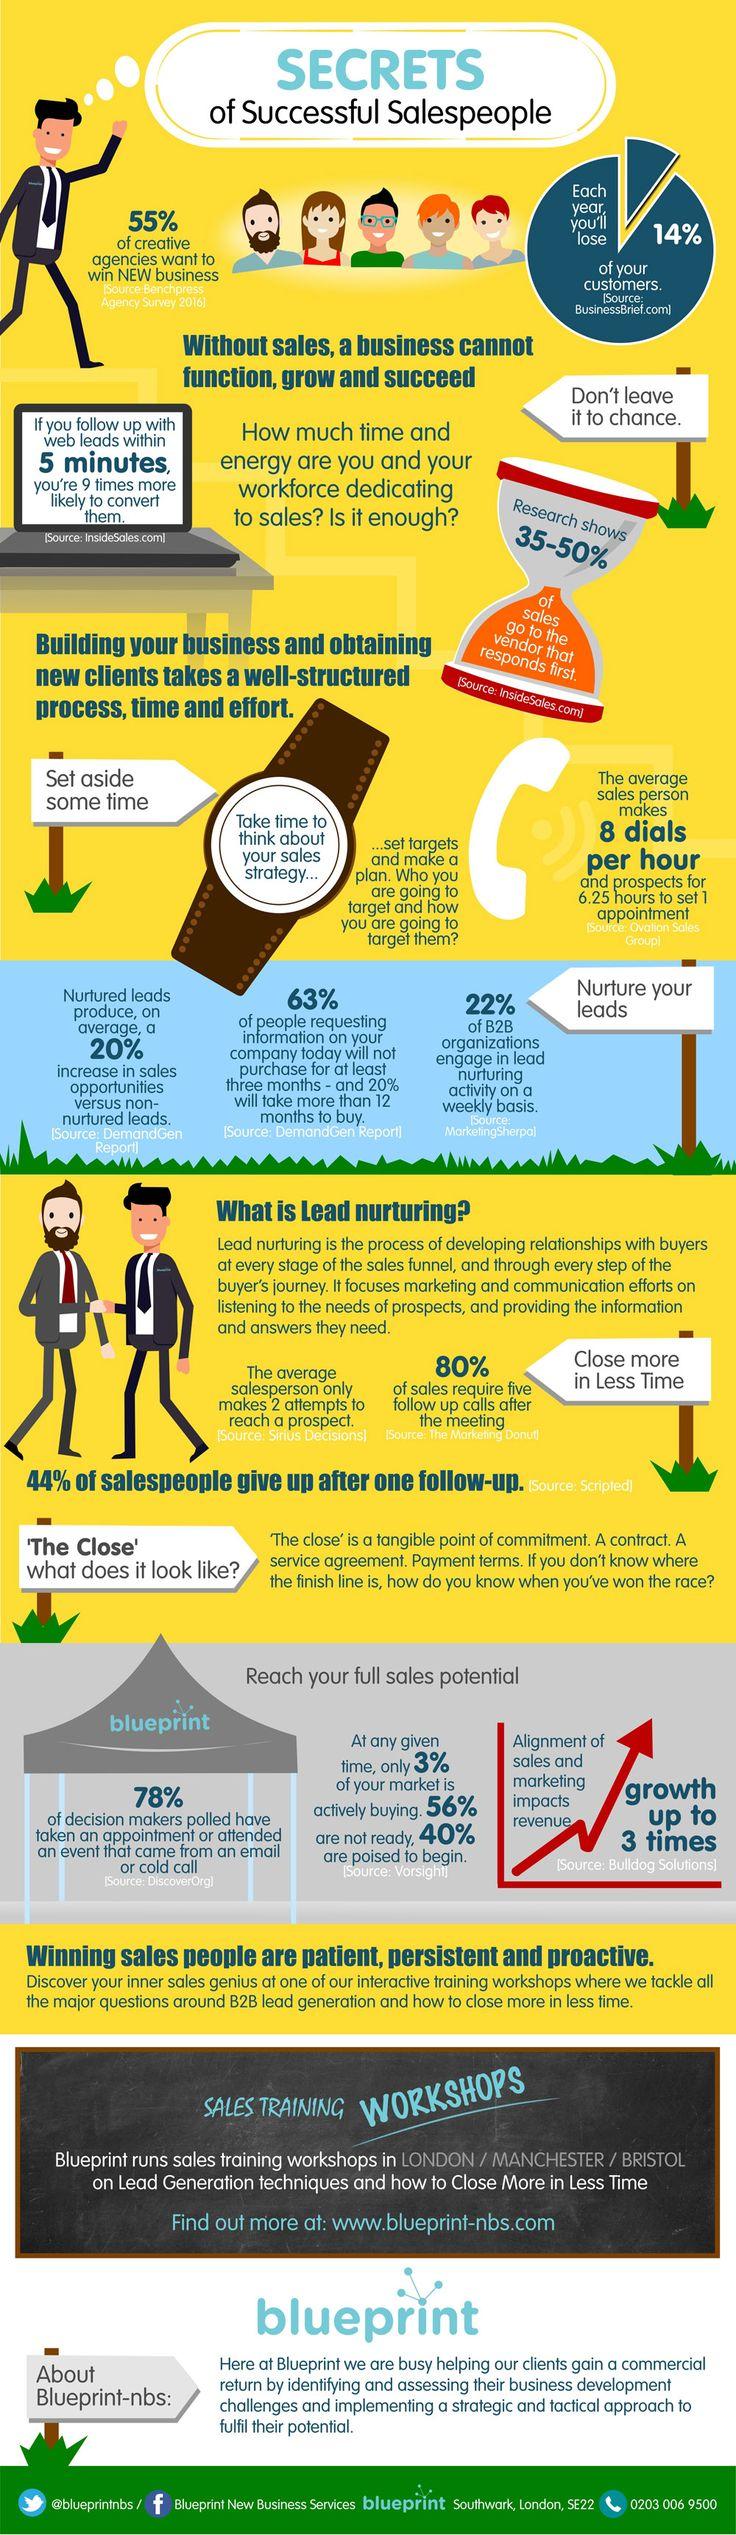 Secrets of Successful Salespeople